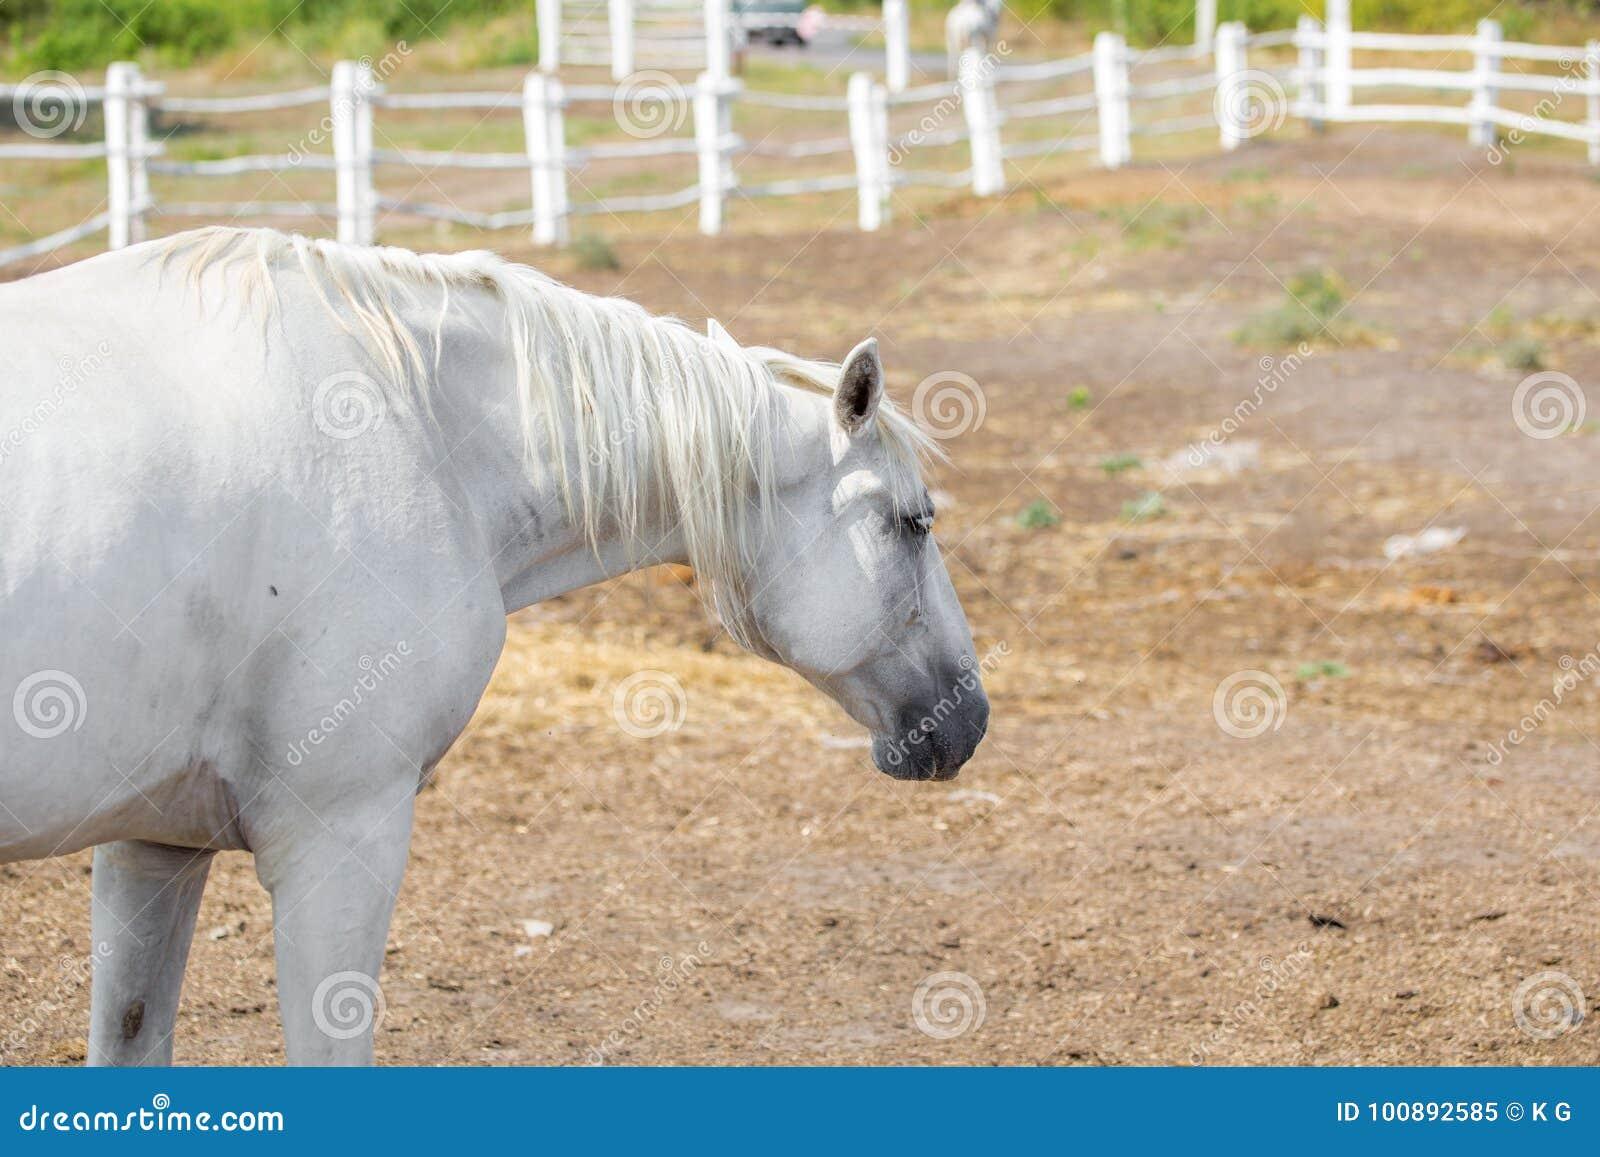 Τα όμορφα thoroughbred άλογα που περπατούν και που βόσκουν στο αγρόκτημα συγκεντρώνουν ειδυλλιακό τοπίο της Βουλγαρίας Ευρώπη boj